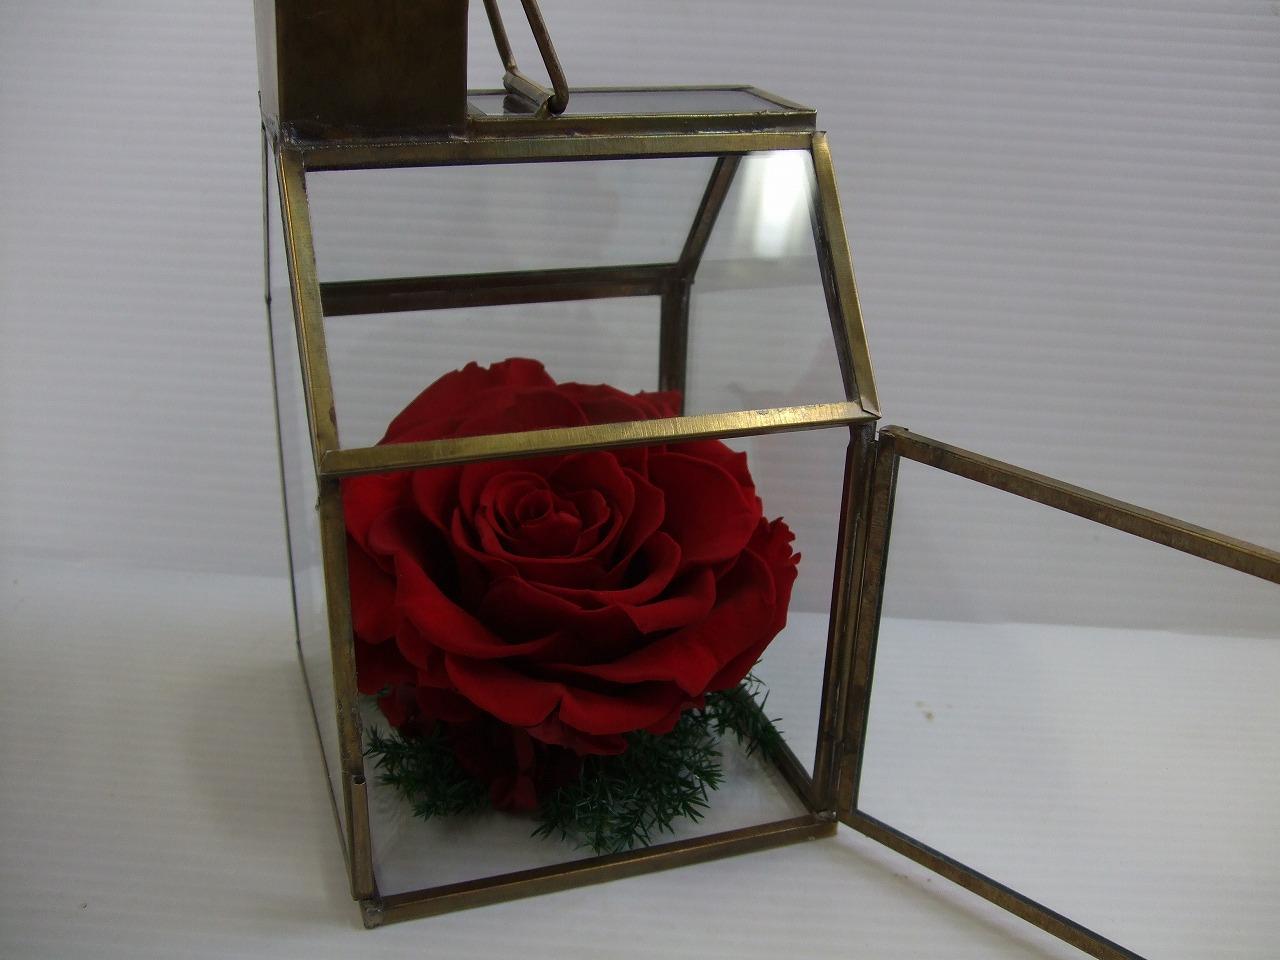 プリザーブドフラワー、誕生日、新築祝い、結婚祝い、退職記念など)